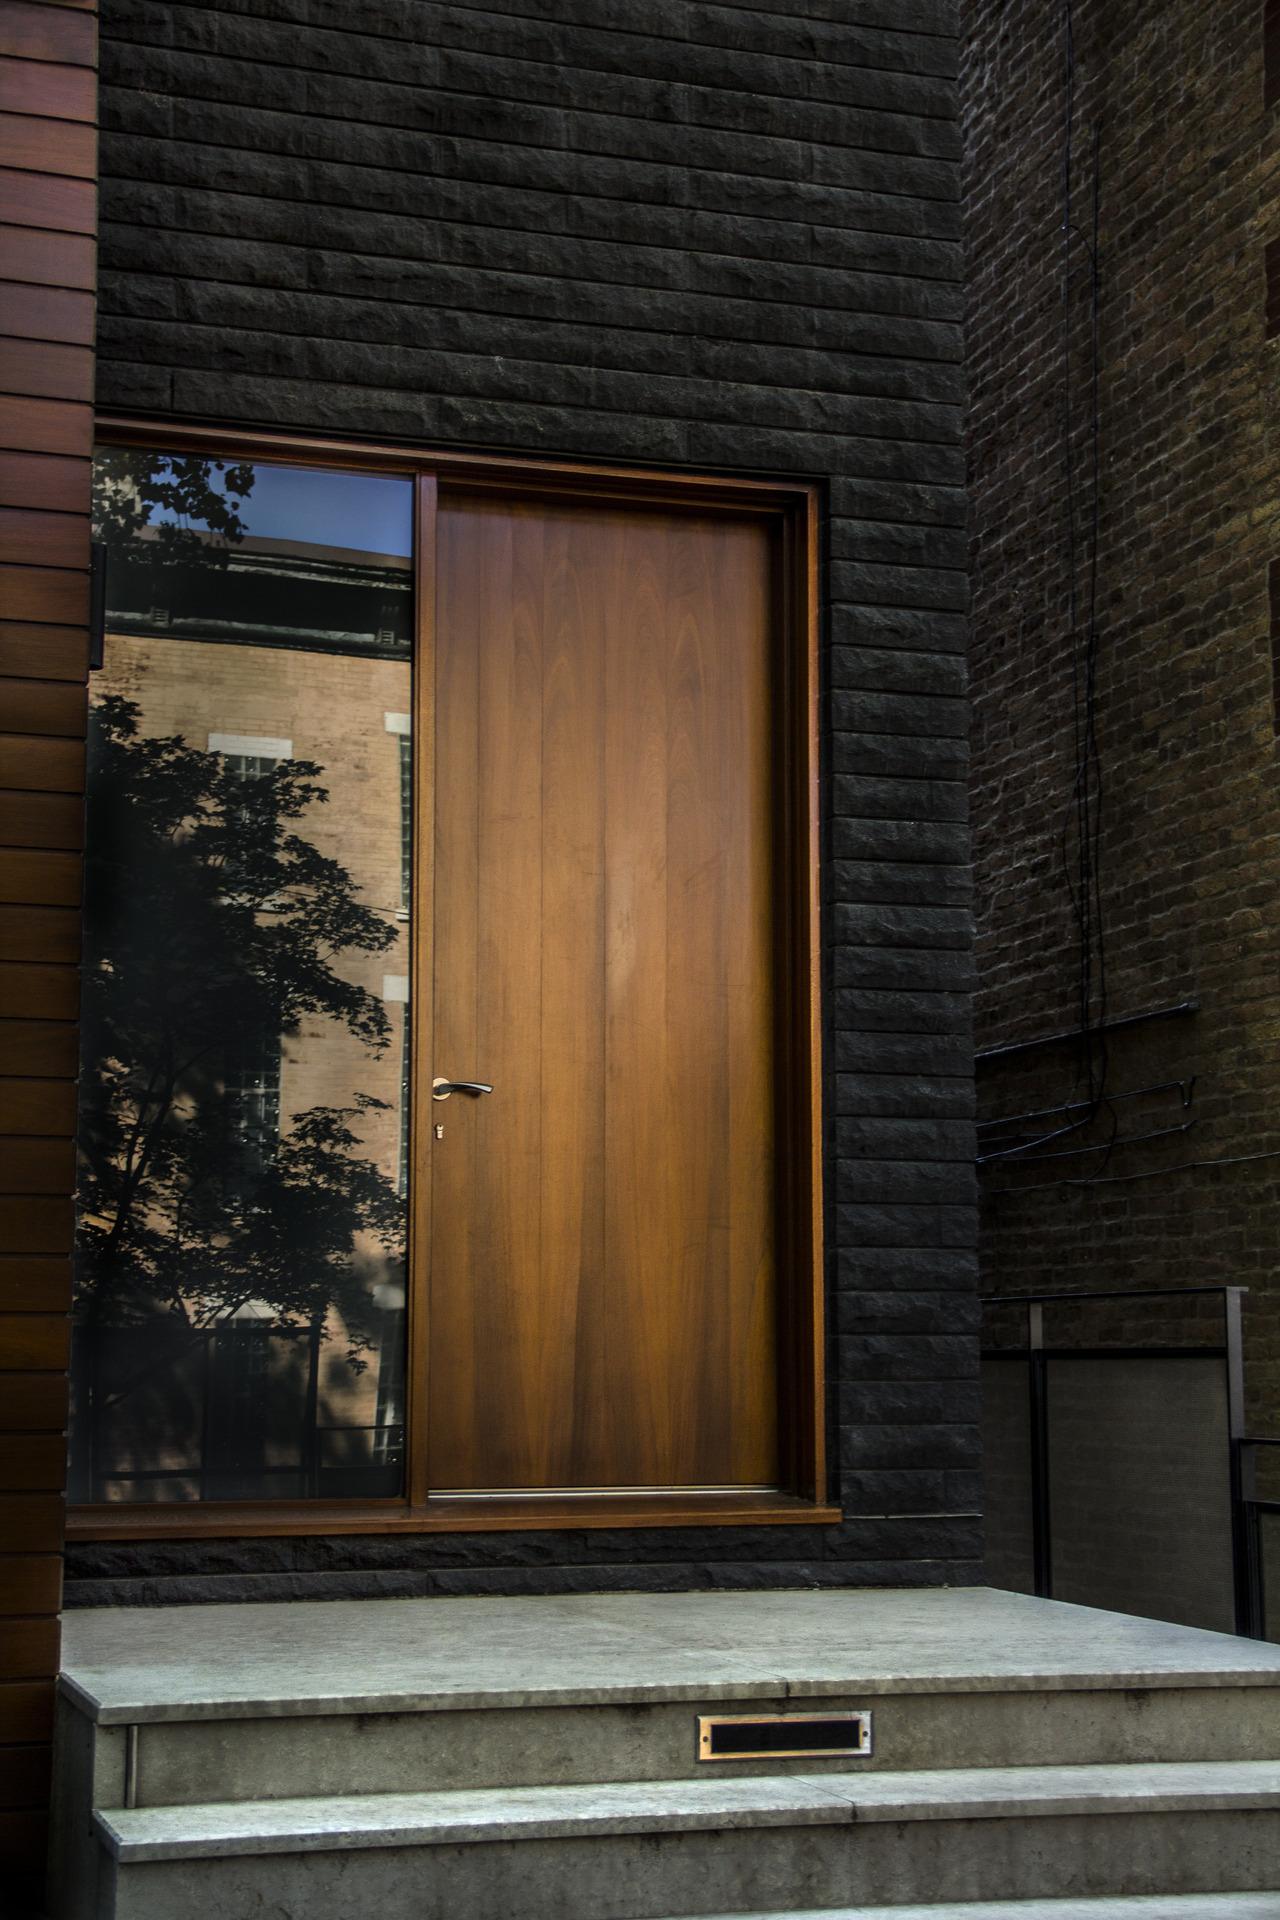 Dark bricked wall with wooden door constrast  ITCHBAN.com